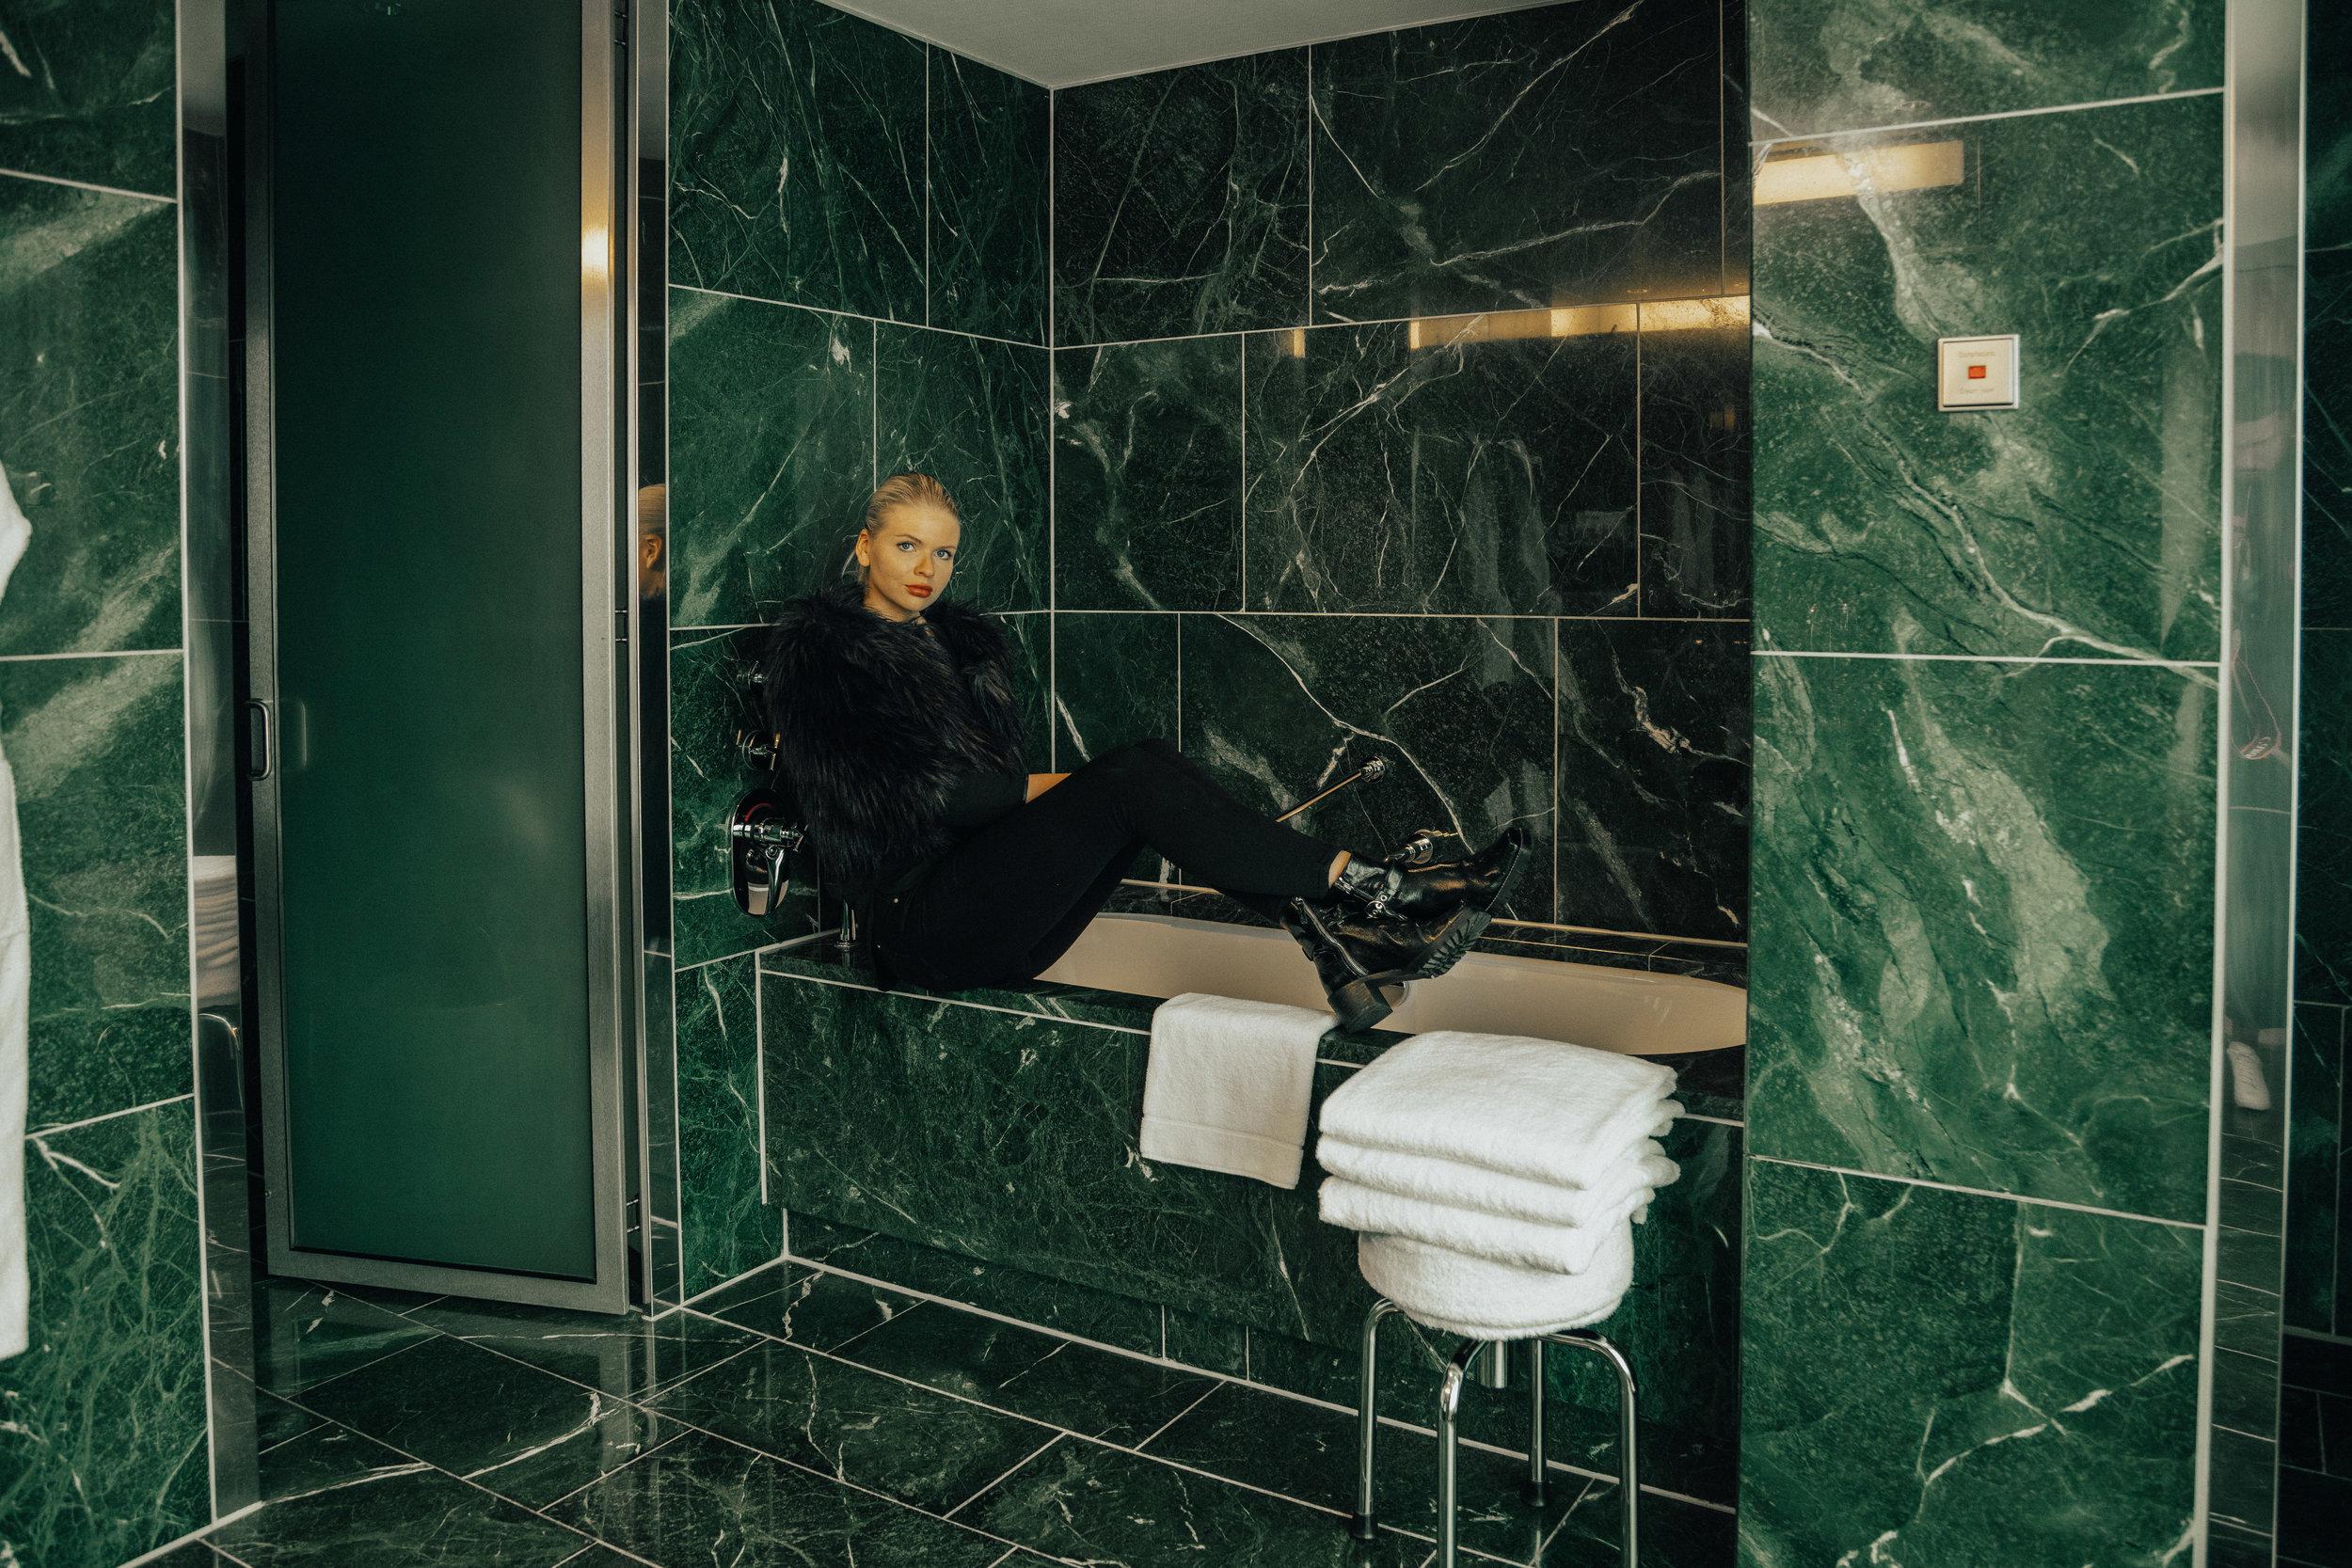 Sug-SeanxPaulaPotry-Hyatt-hotel-Berlin-9.jpg